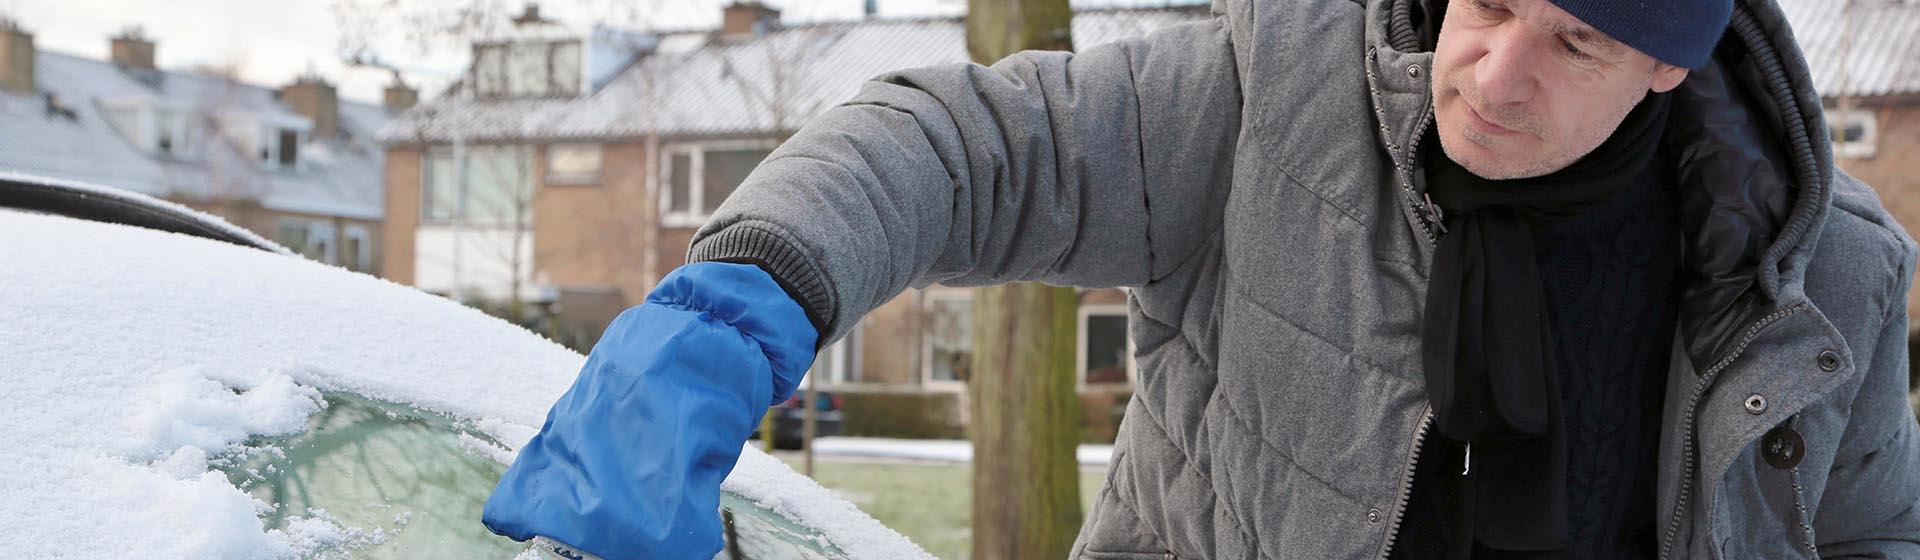 Sneeuwkettingen en winterbanden; weet jij hoe het zit?